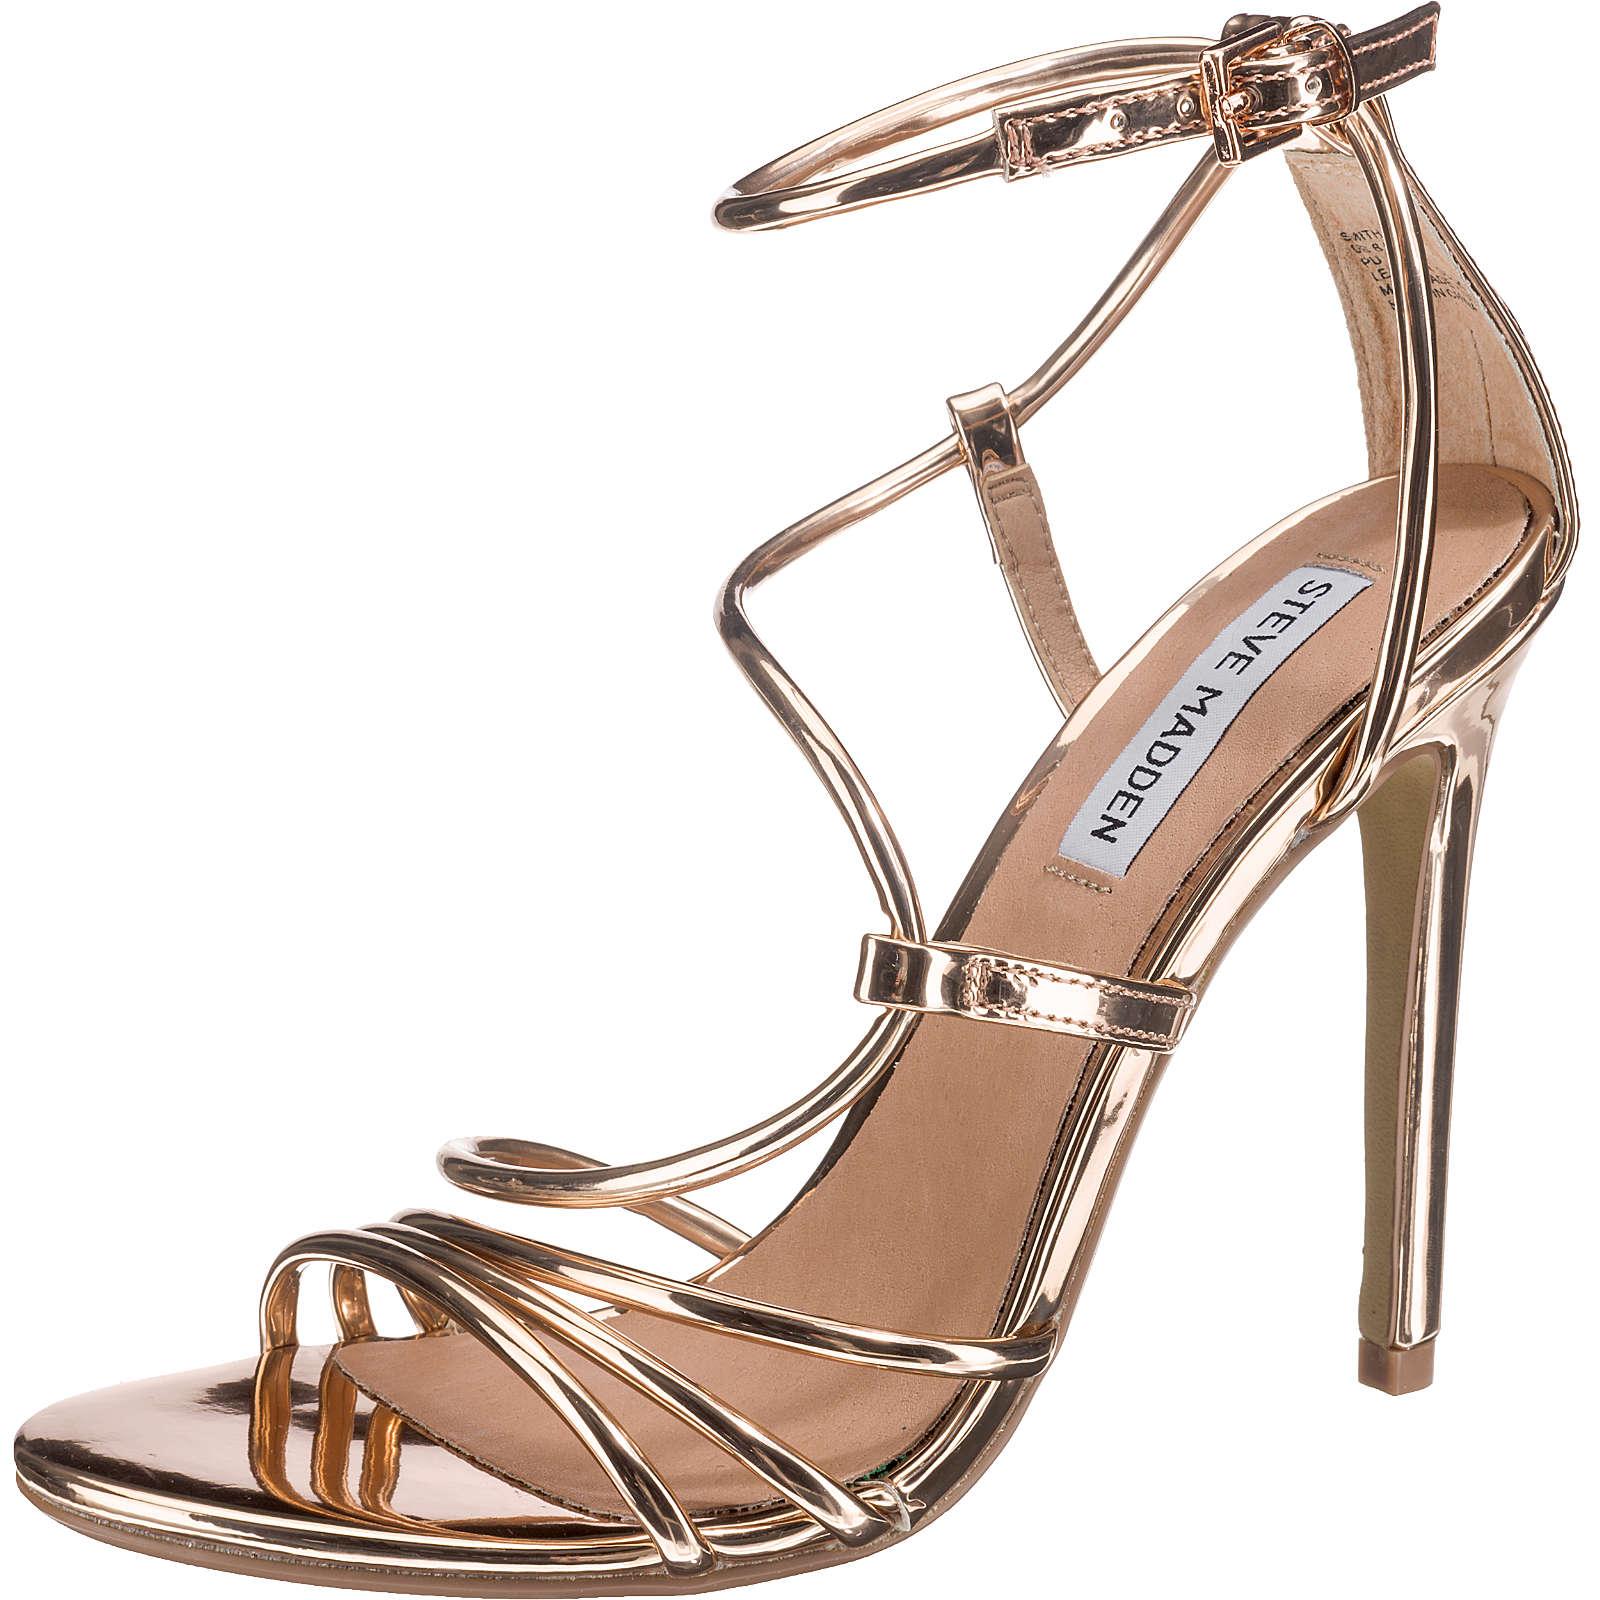 STEVE MADDEN Smith Sandal Sandaletten gold Damen Gr. 40